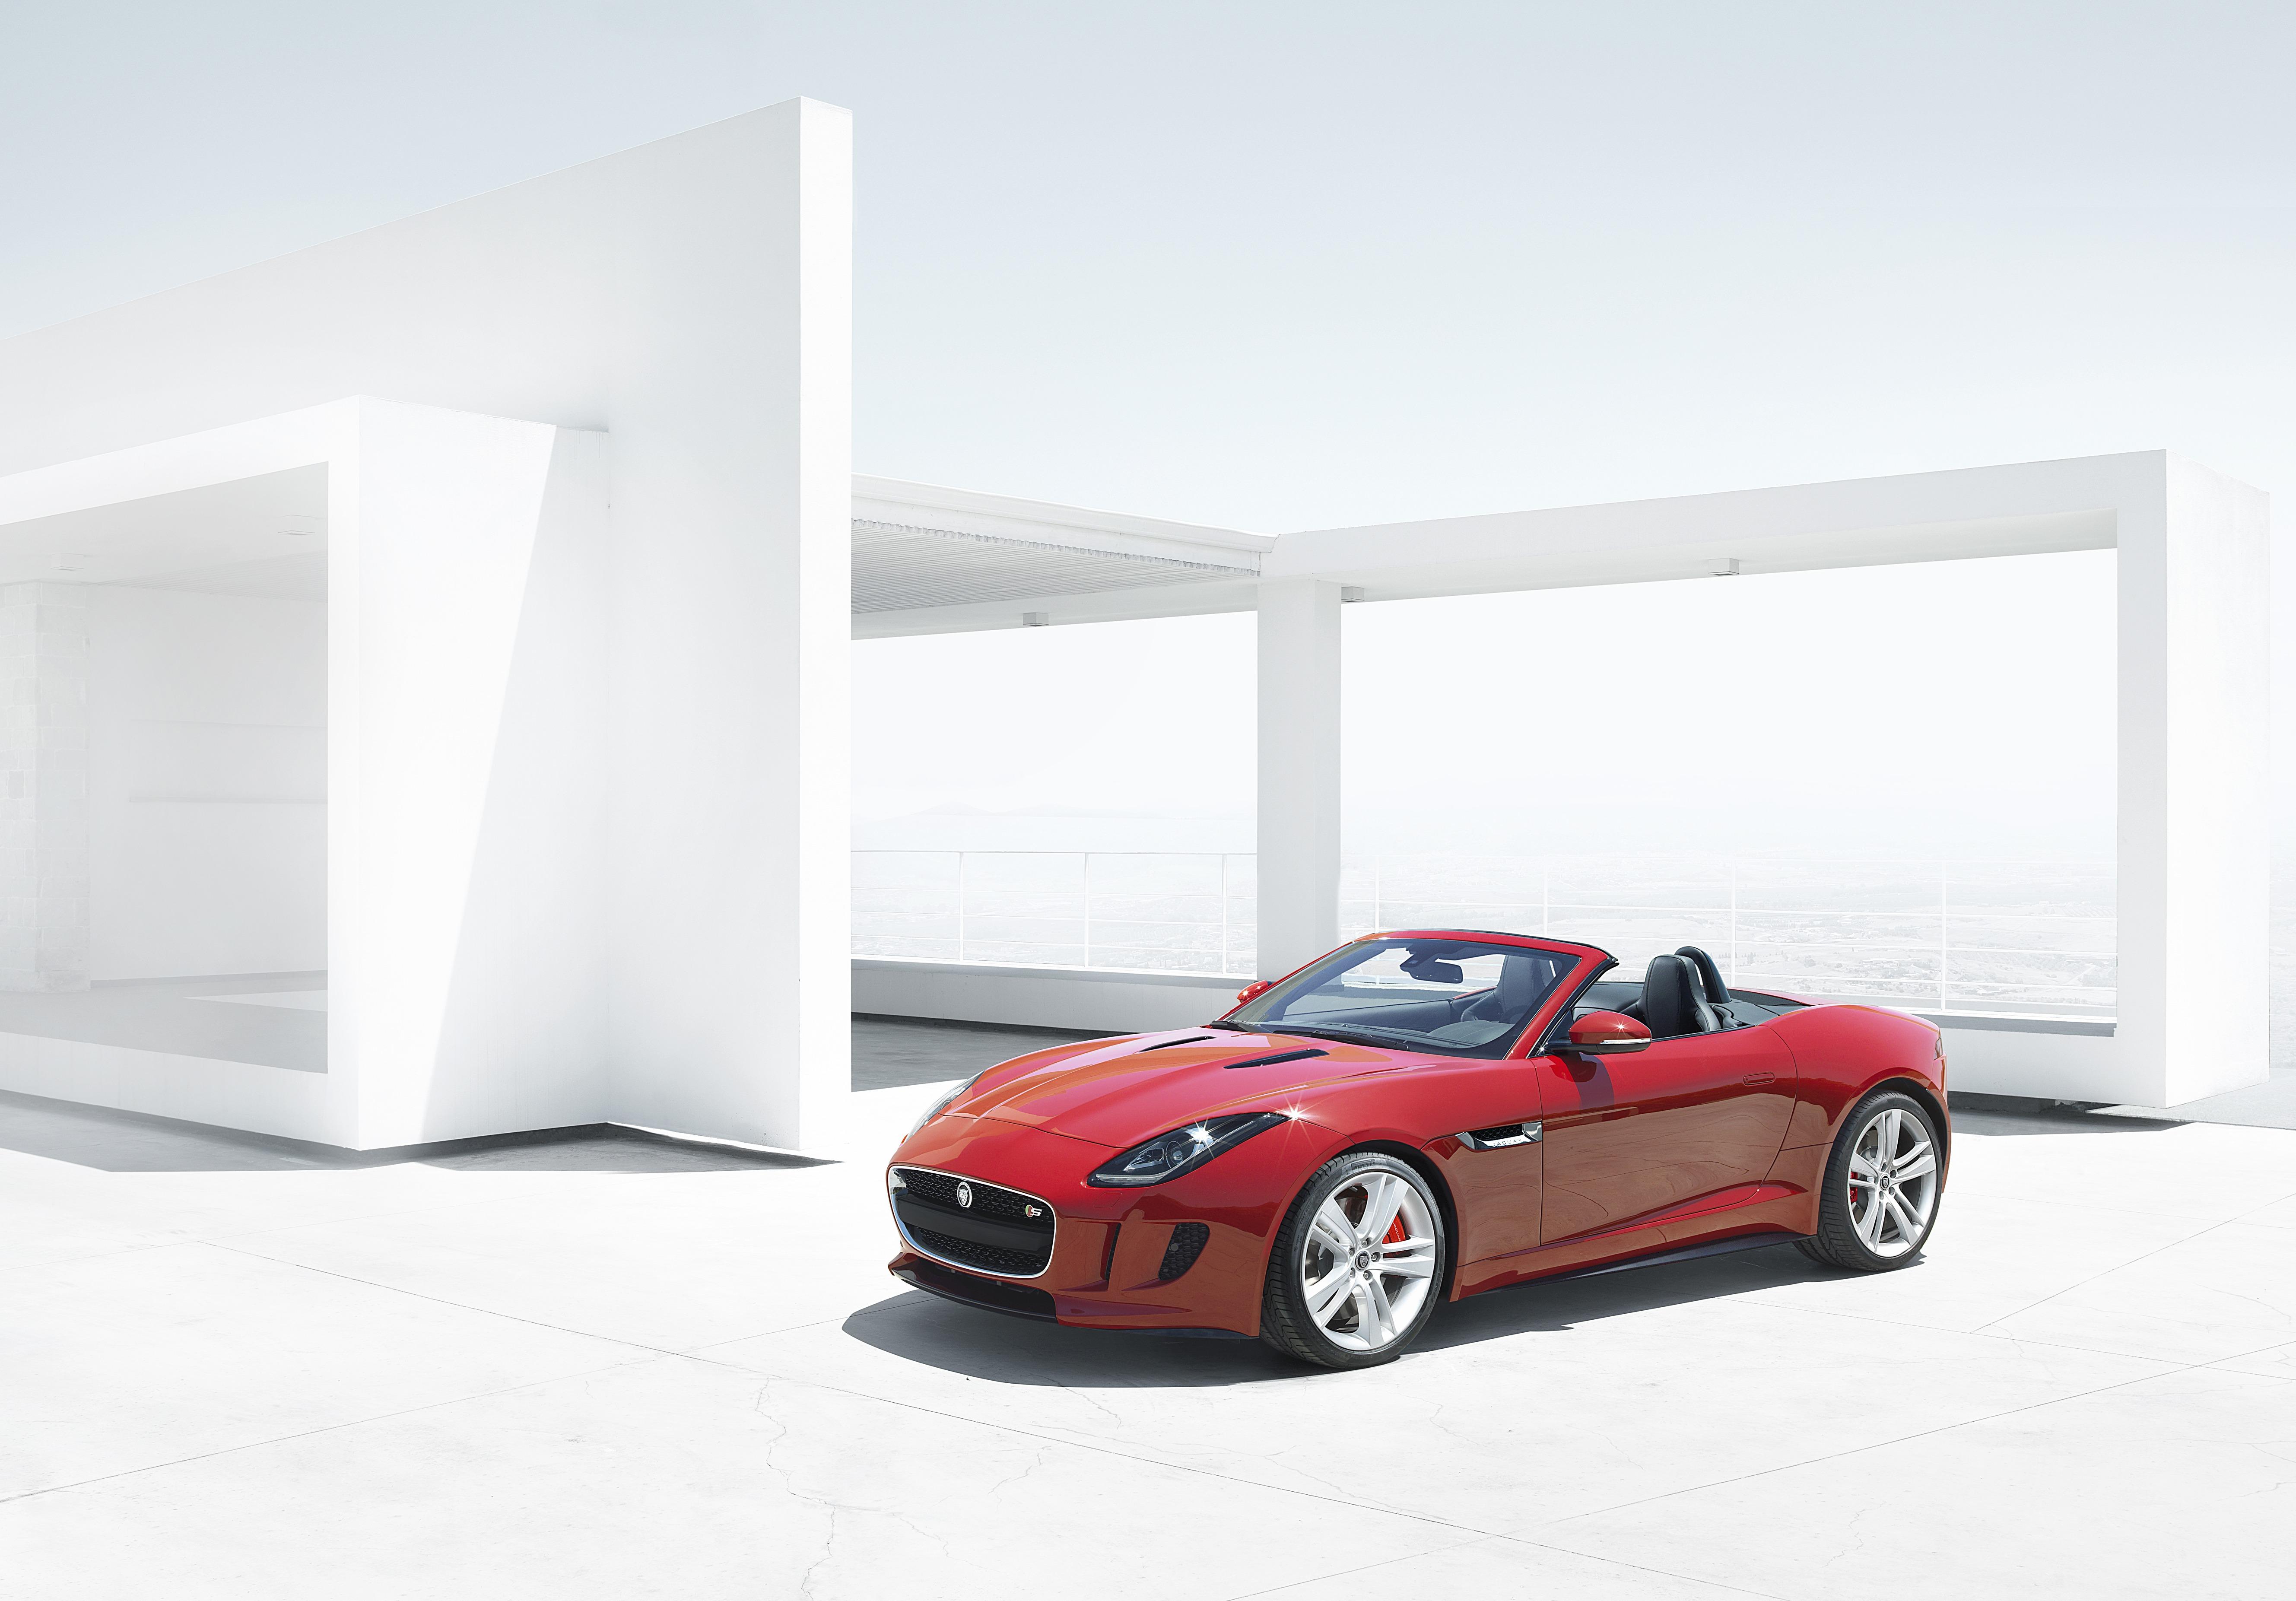 Mit dem F-Type bringt Jaguar frischen Wind ins Segment der kompakten Roadster